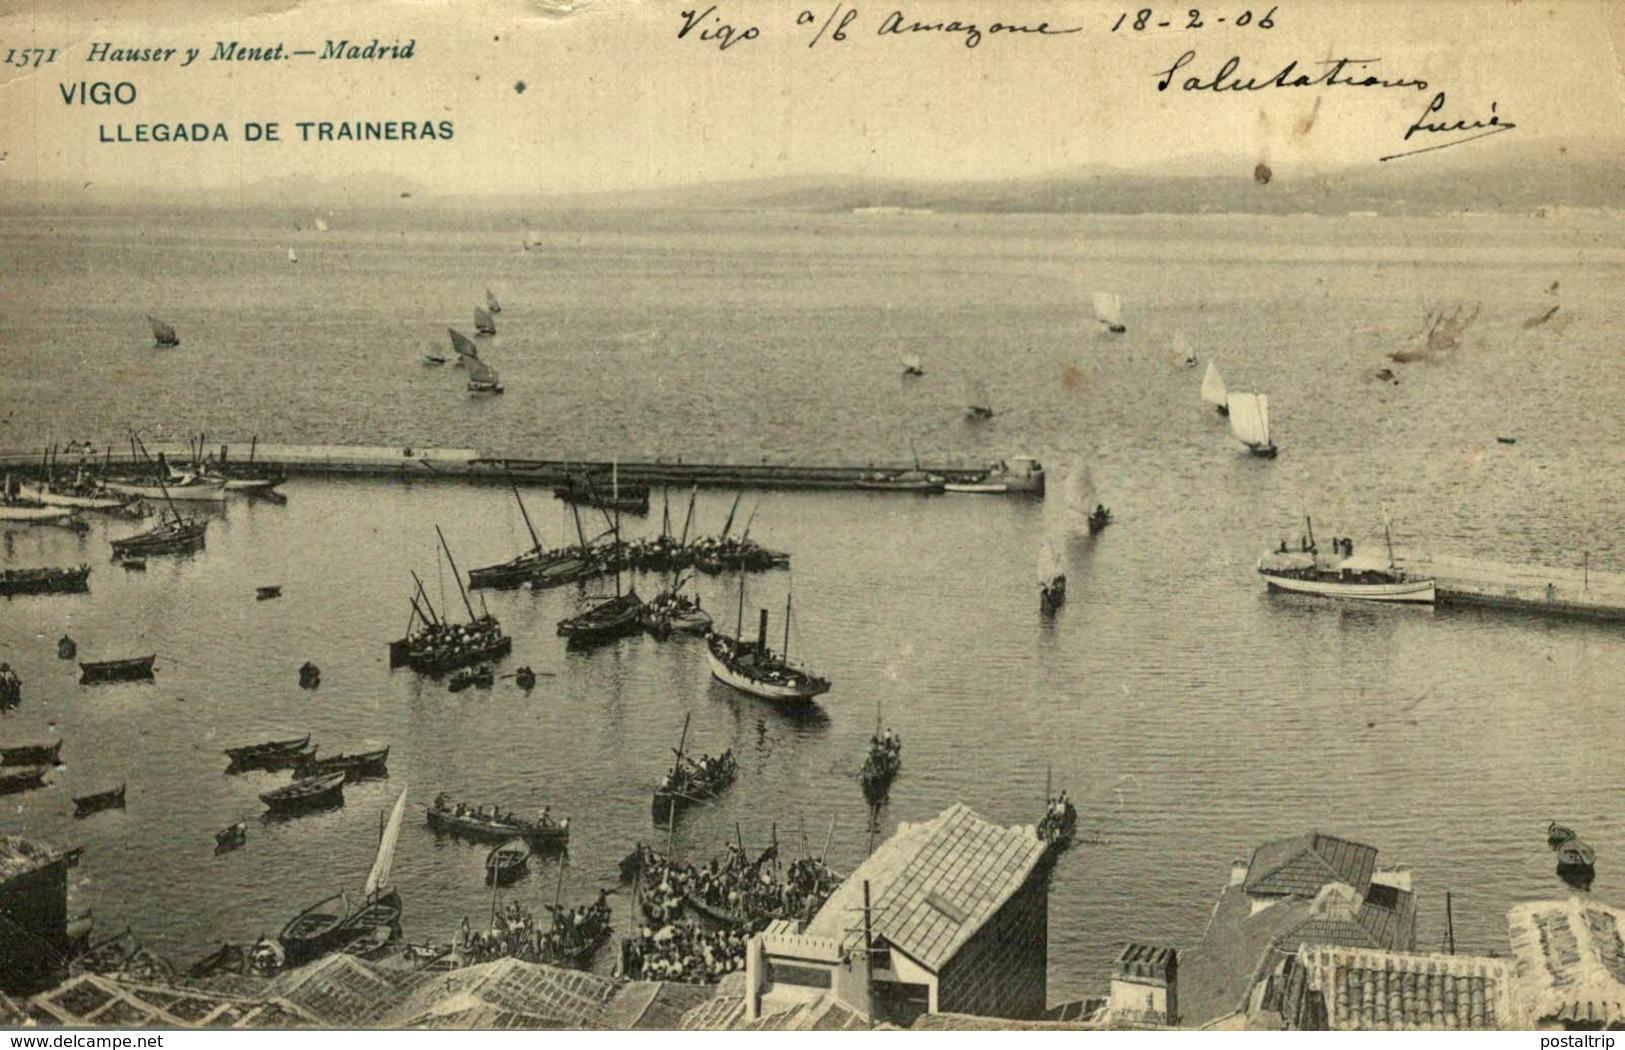 VIGO LLEGADA DE TRAINERAS - La Coruña